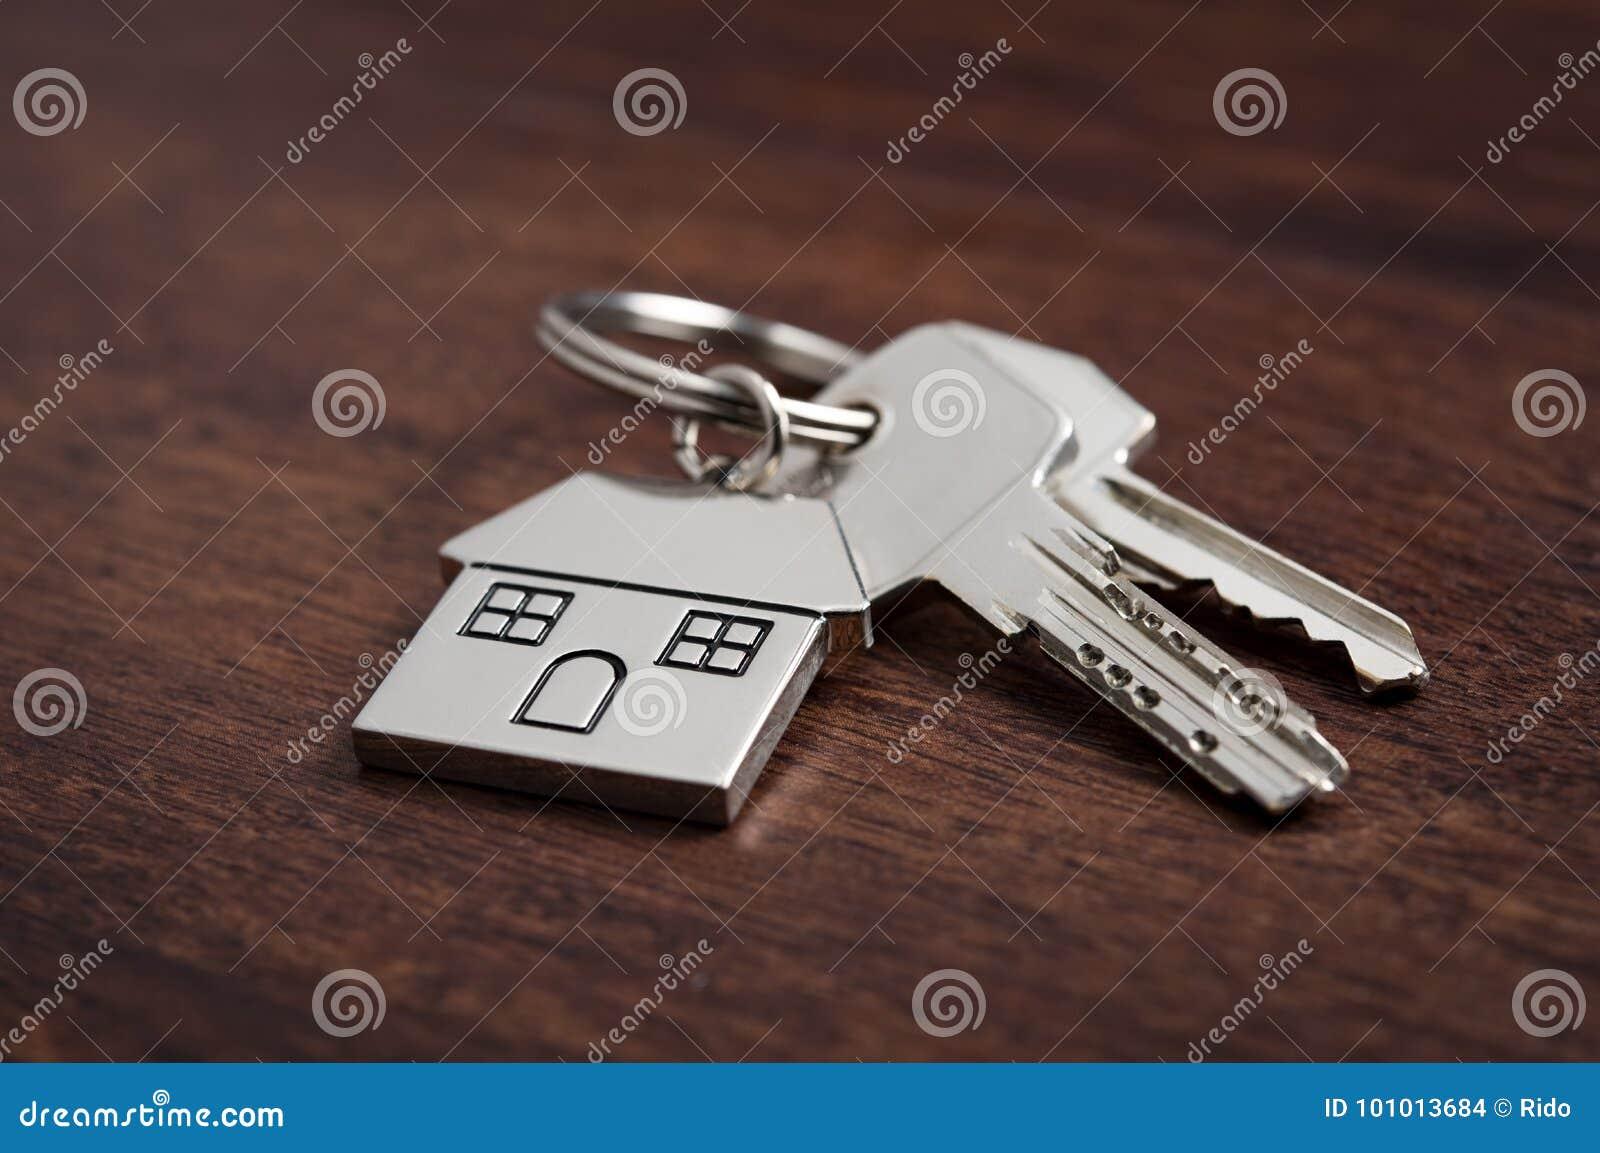 Gviving Haustasten des des Immobilienmaklers oder Grundstücksmaklers zum neuen Hausbesitzer, Fokus auf Tasten